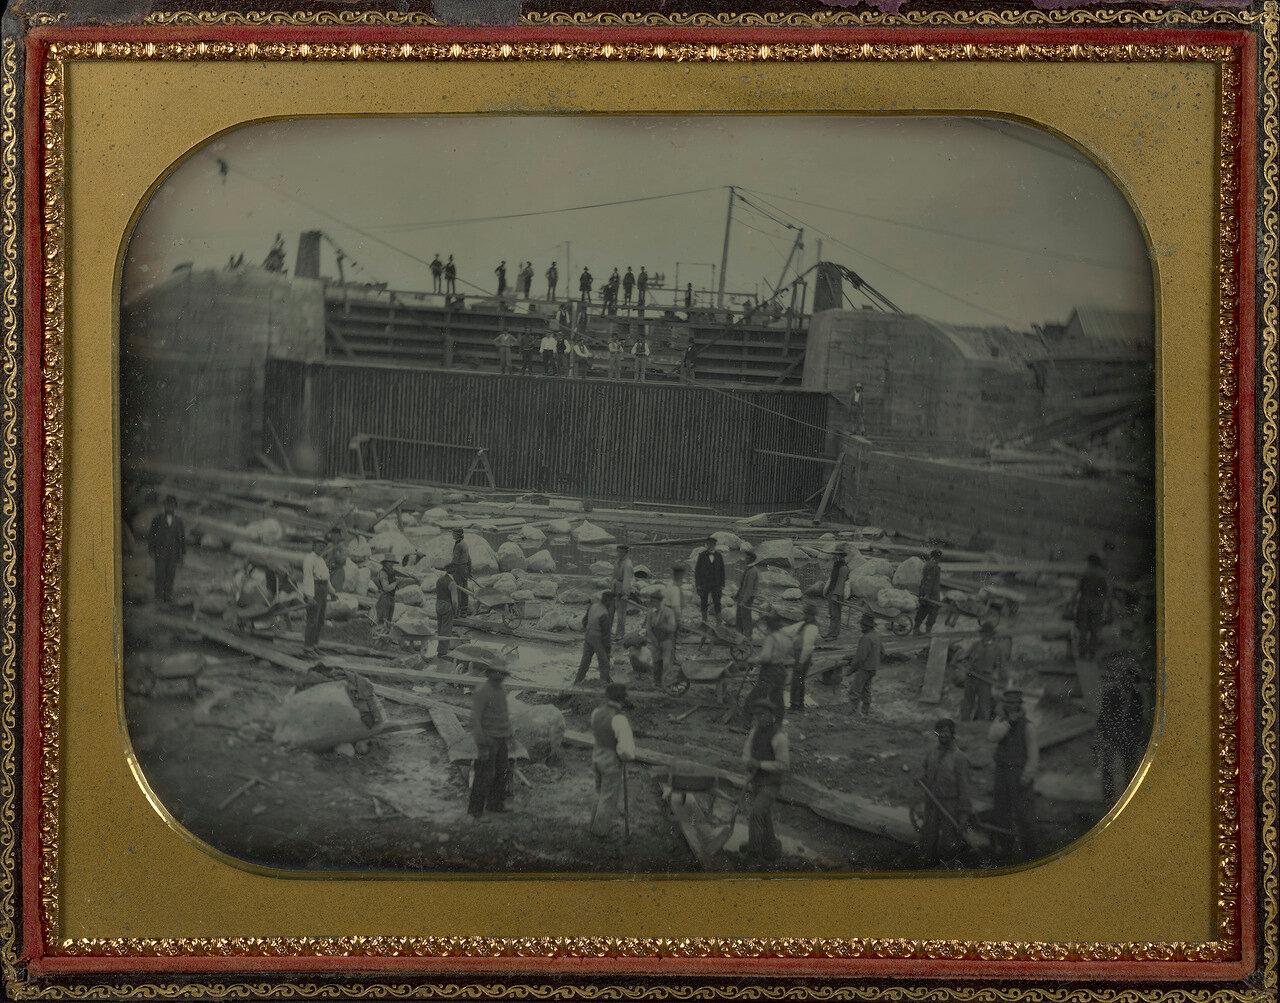 1850. Строительство канала. США